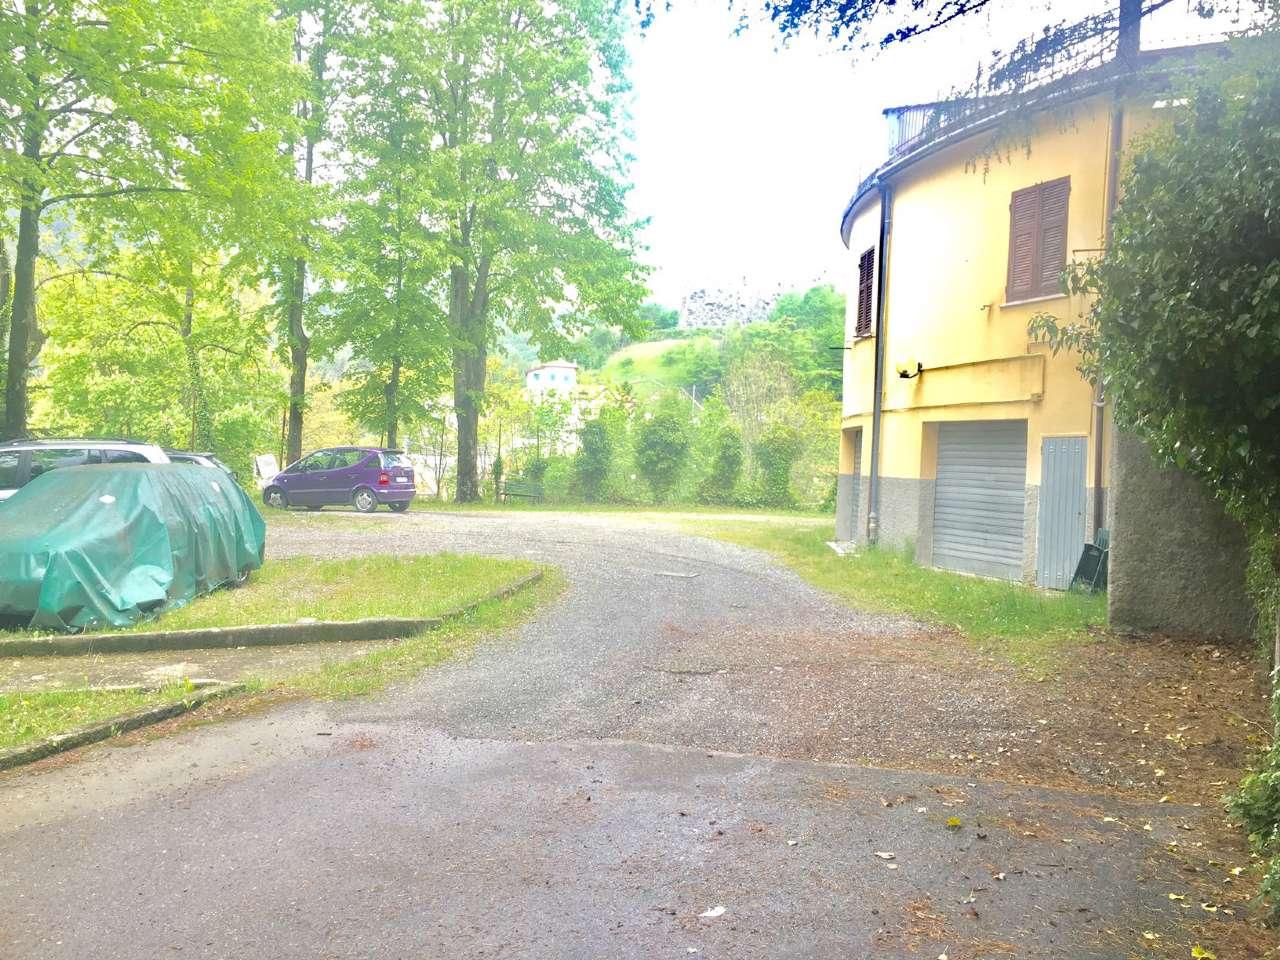 Appartamento in vendita a Torriglia, 2 locali, prezzo € 29.000 | CambioCasa.it